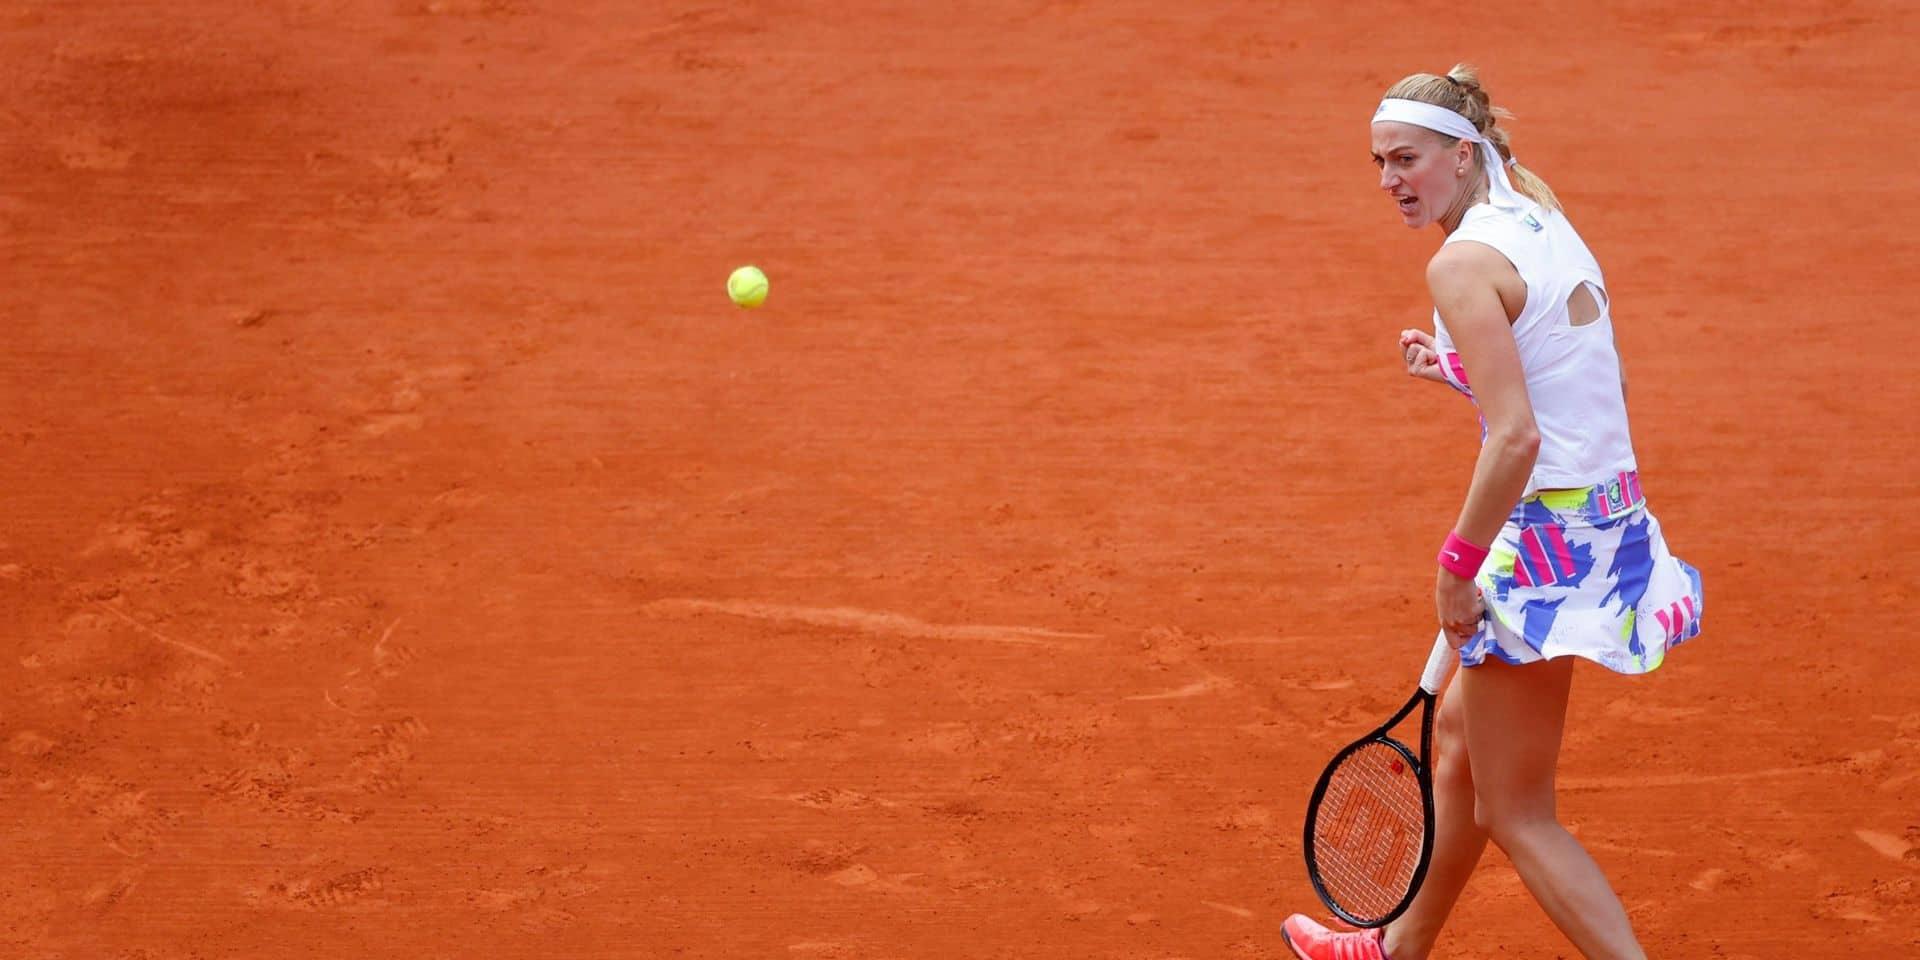 Roland-Garros: Kvitova et Kenin dans le dernier carré, Tsitsipas et Djokovic se qualifient aussi